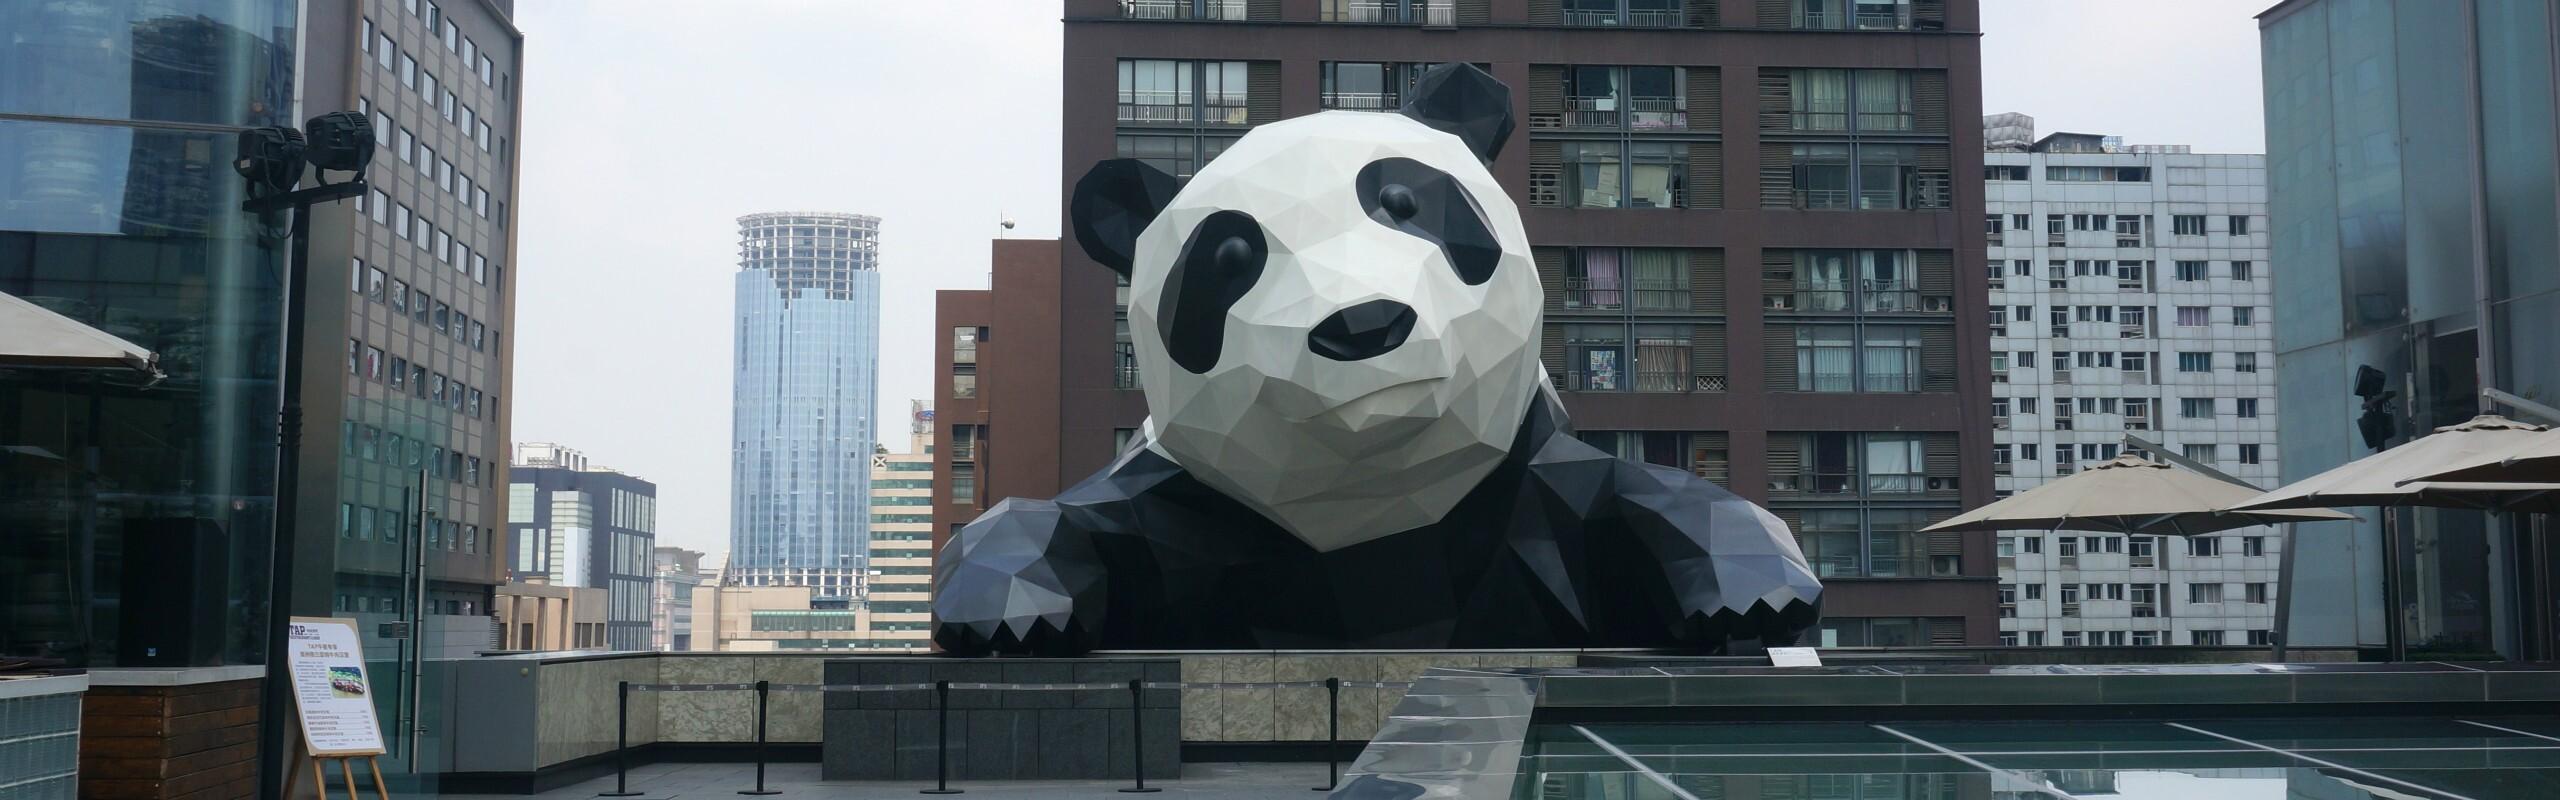 One Day Panda Wonderland Tour